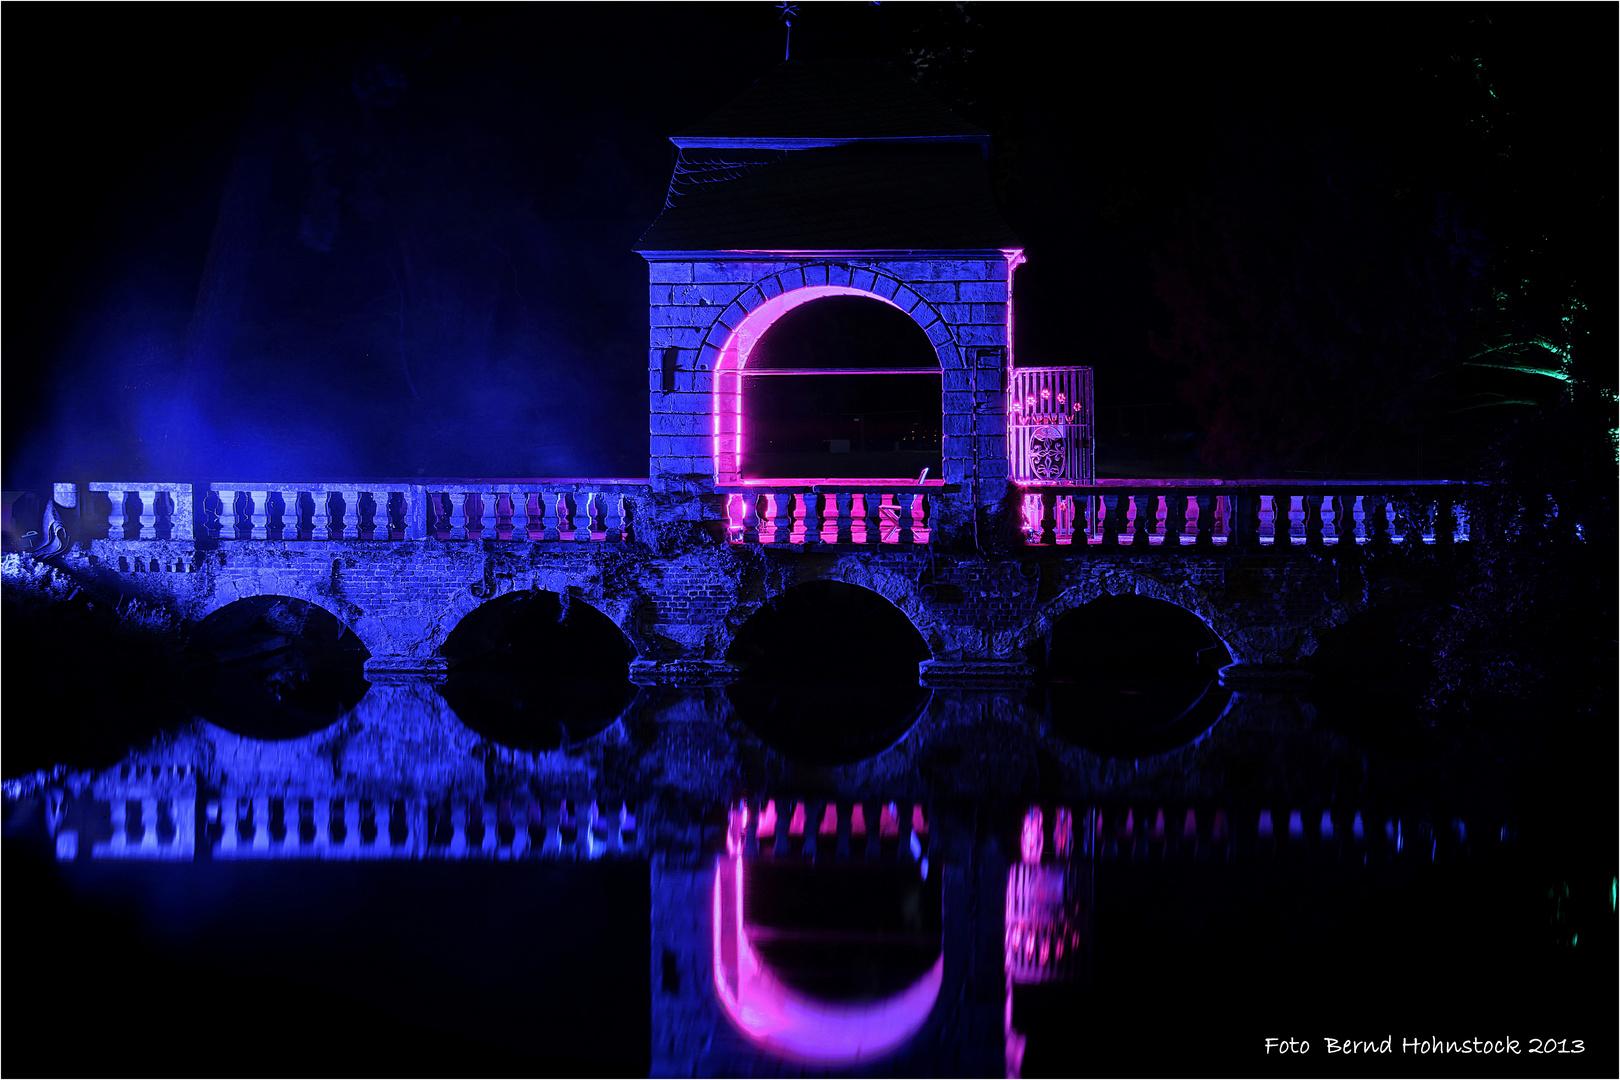 Hochzeitsbrücke Schloß Dyck Illumina 10.0